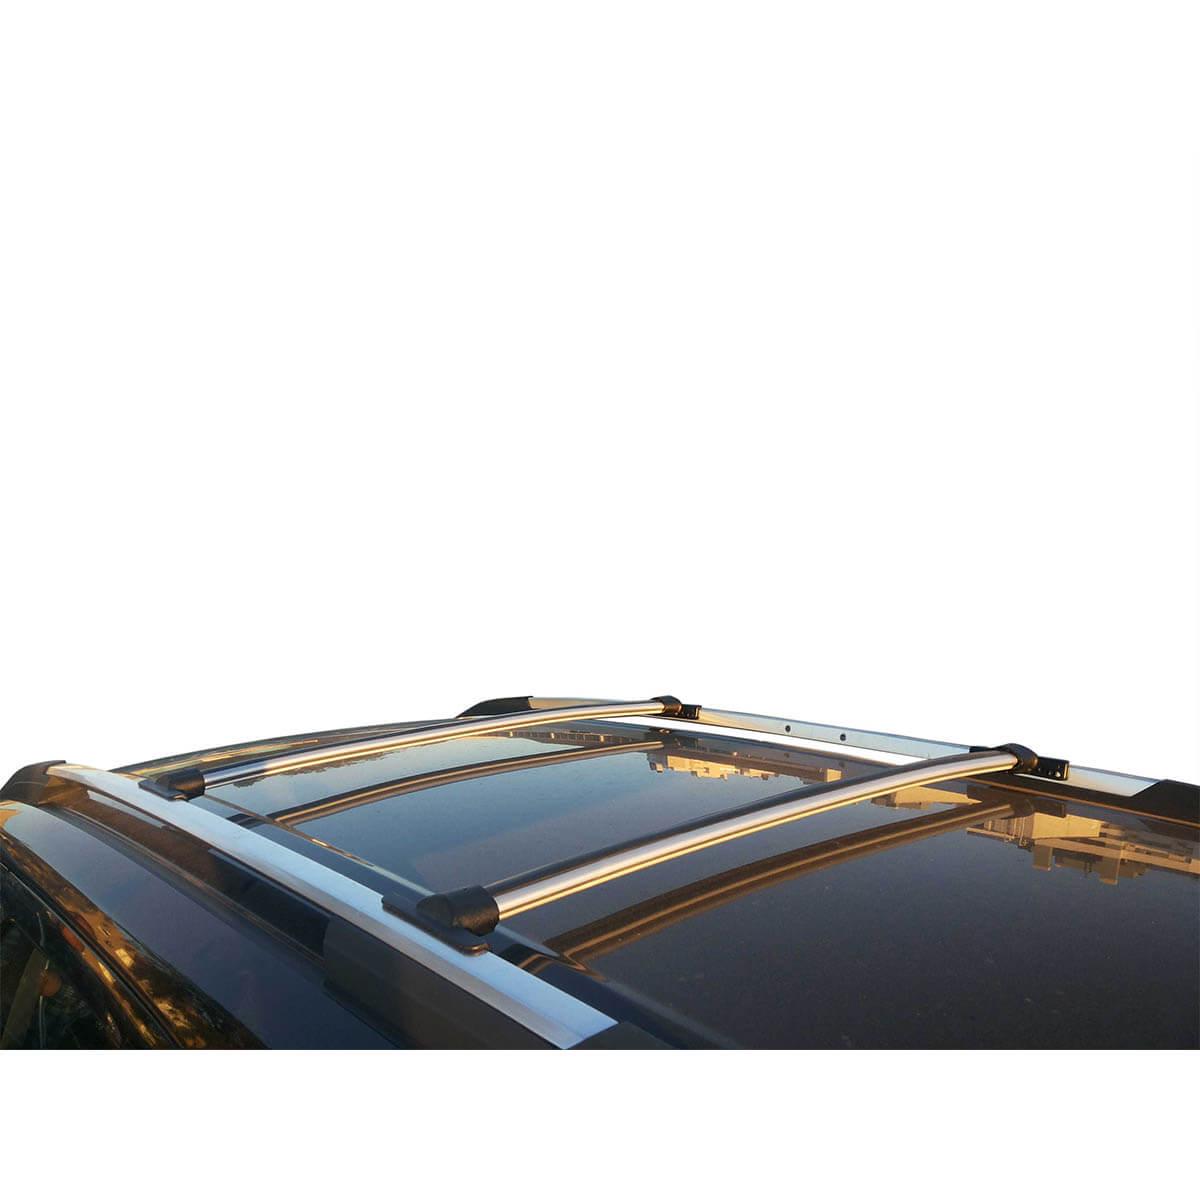 Travessa rack de teto Trailblazer 2013 a 2019 fixação original